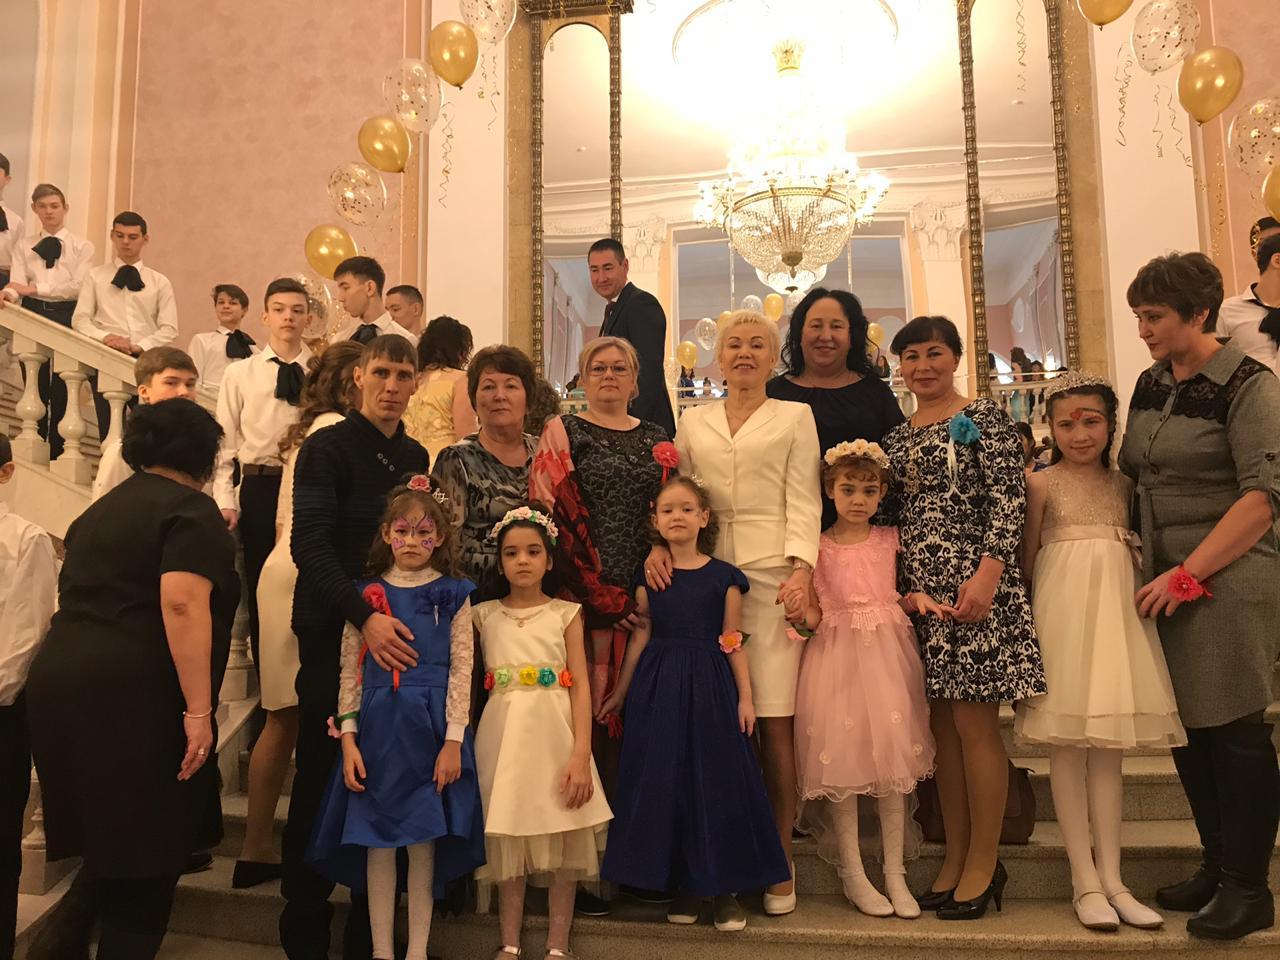 Вице-президент ПКР Р.А. Баталова в г. Уфе (Республика Башкортостан) приняла участие в Бале маленьких принцесс для особенных детей, организованном в честь Международного женского дня - 8 марта